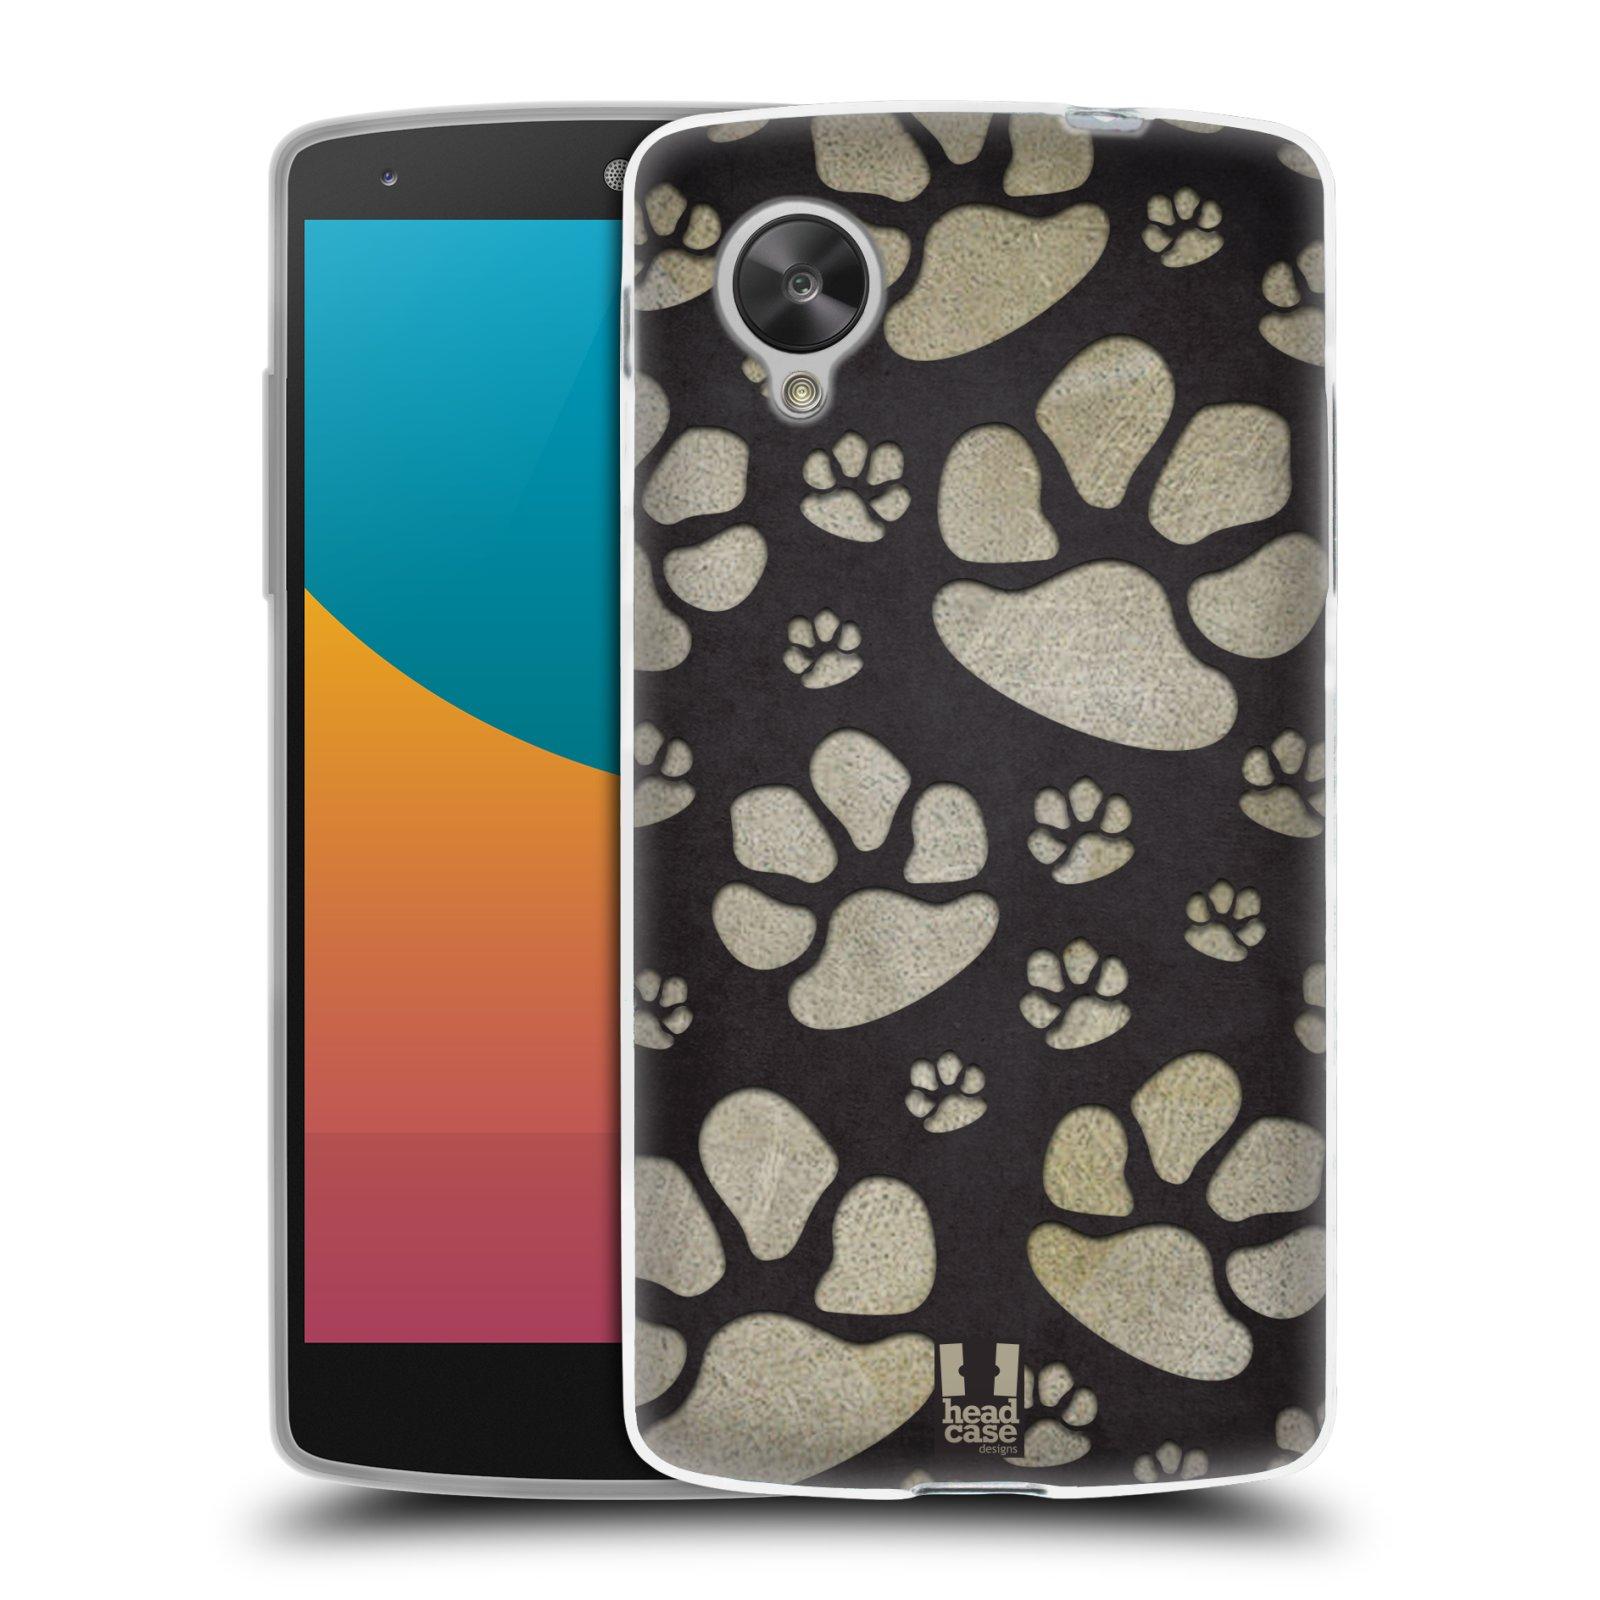 Silikonové pouzdro na mobil LG Nexus 5 HEAD CASE TLAPKY ŠEDÉ (Silikonový kryt či obal na mobilní telefon LG Google Nexus 5 D821)